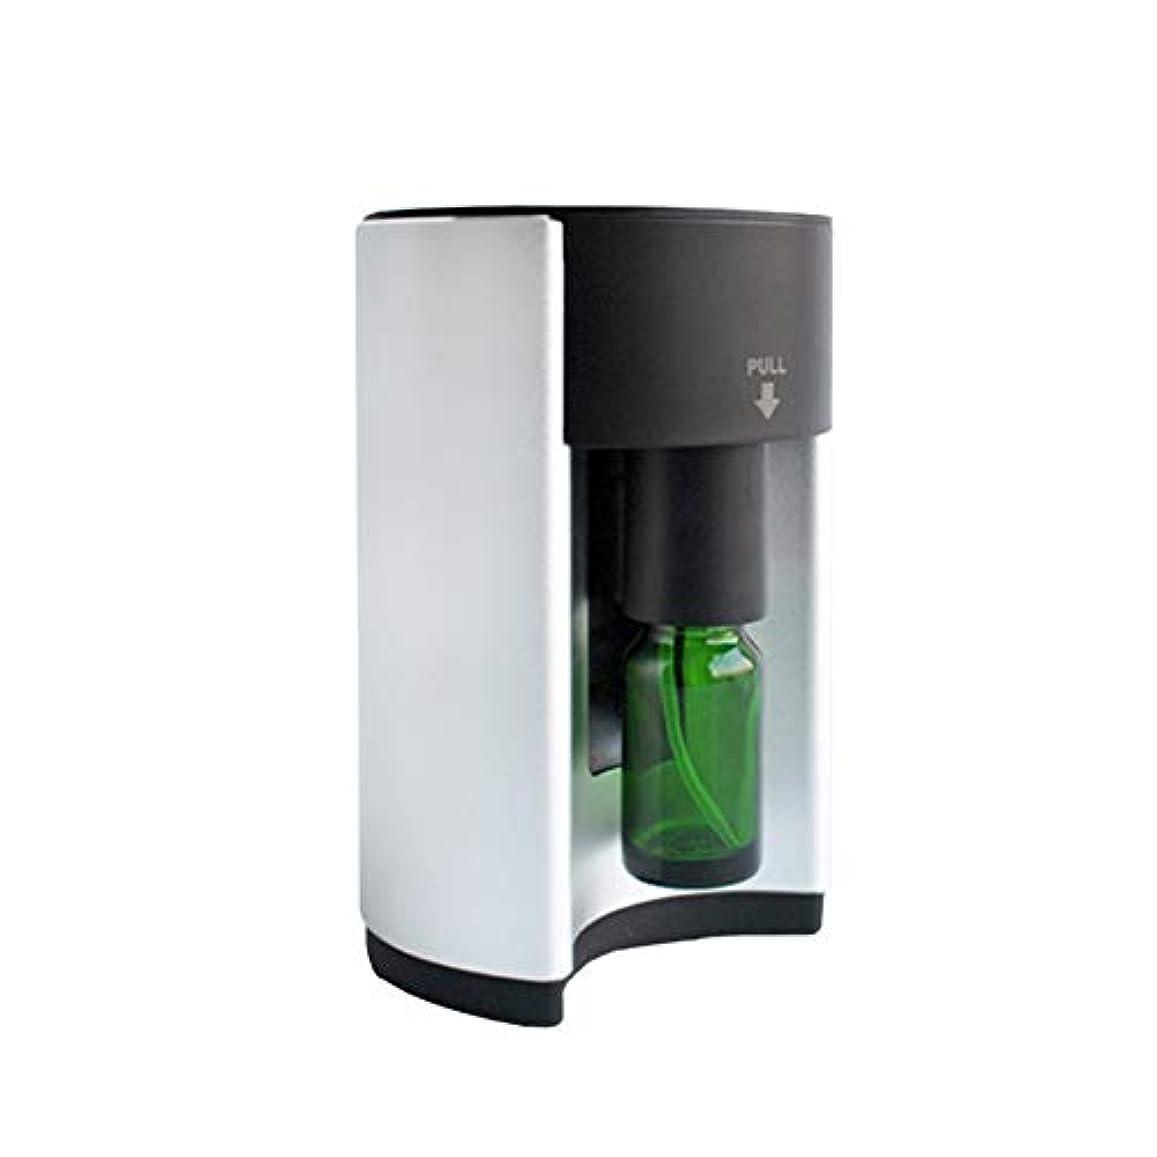 太い買う扱う広範囲適用 アロマディフューザー ネブライザー式 シルバー アロマオイル アロマグラス 人気 タイマー機能 コンパクトタイプ エッセンシャルオイル 加湿 うるおい